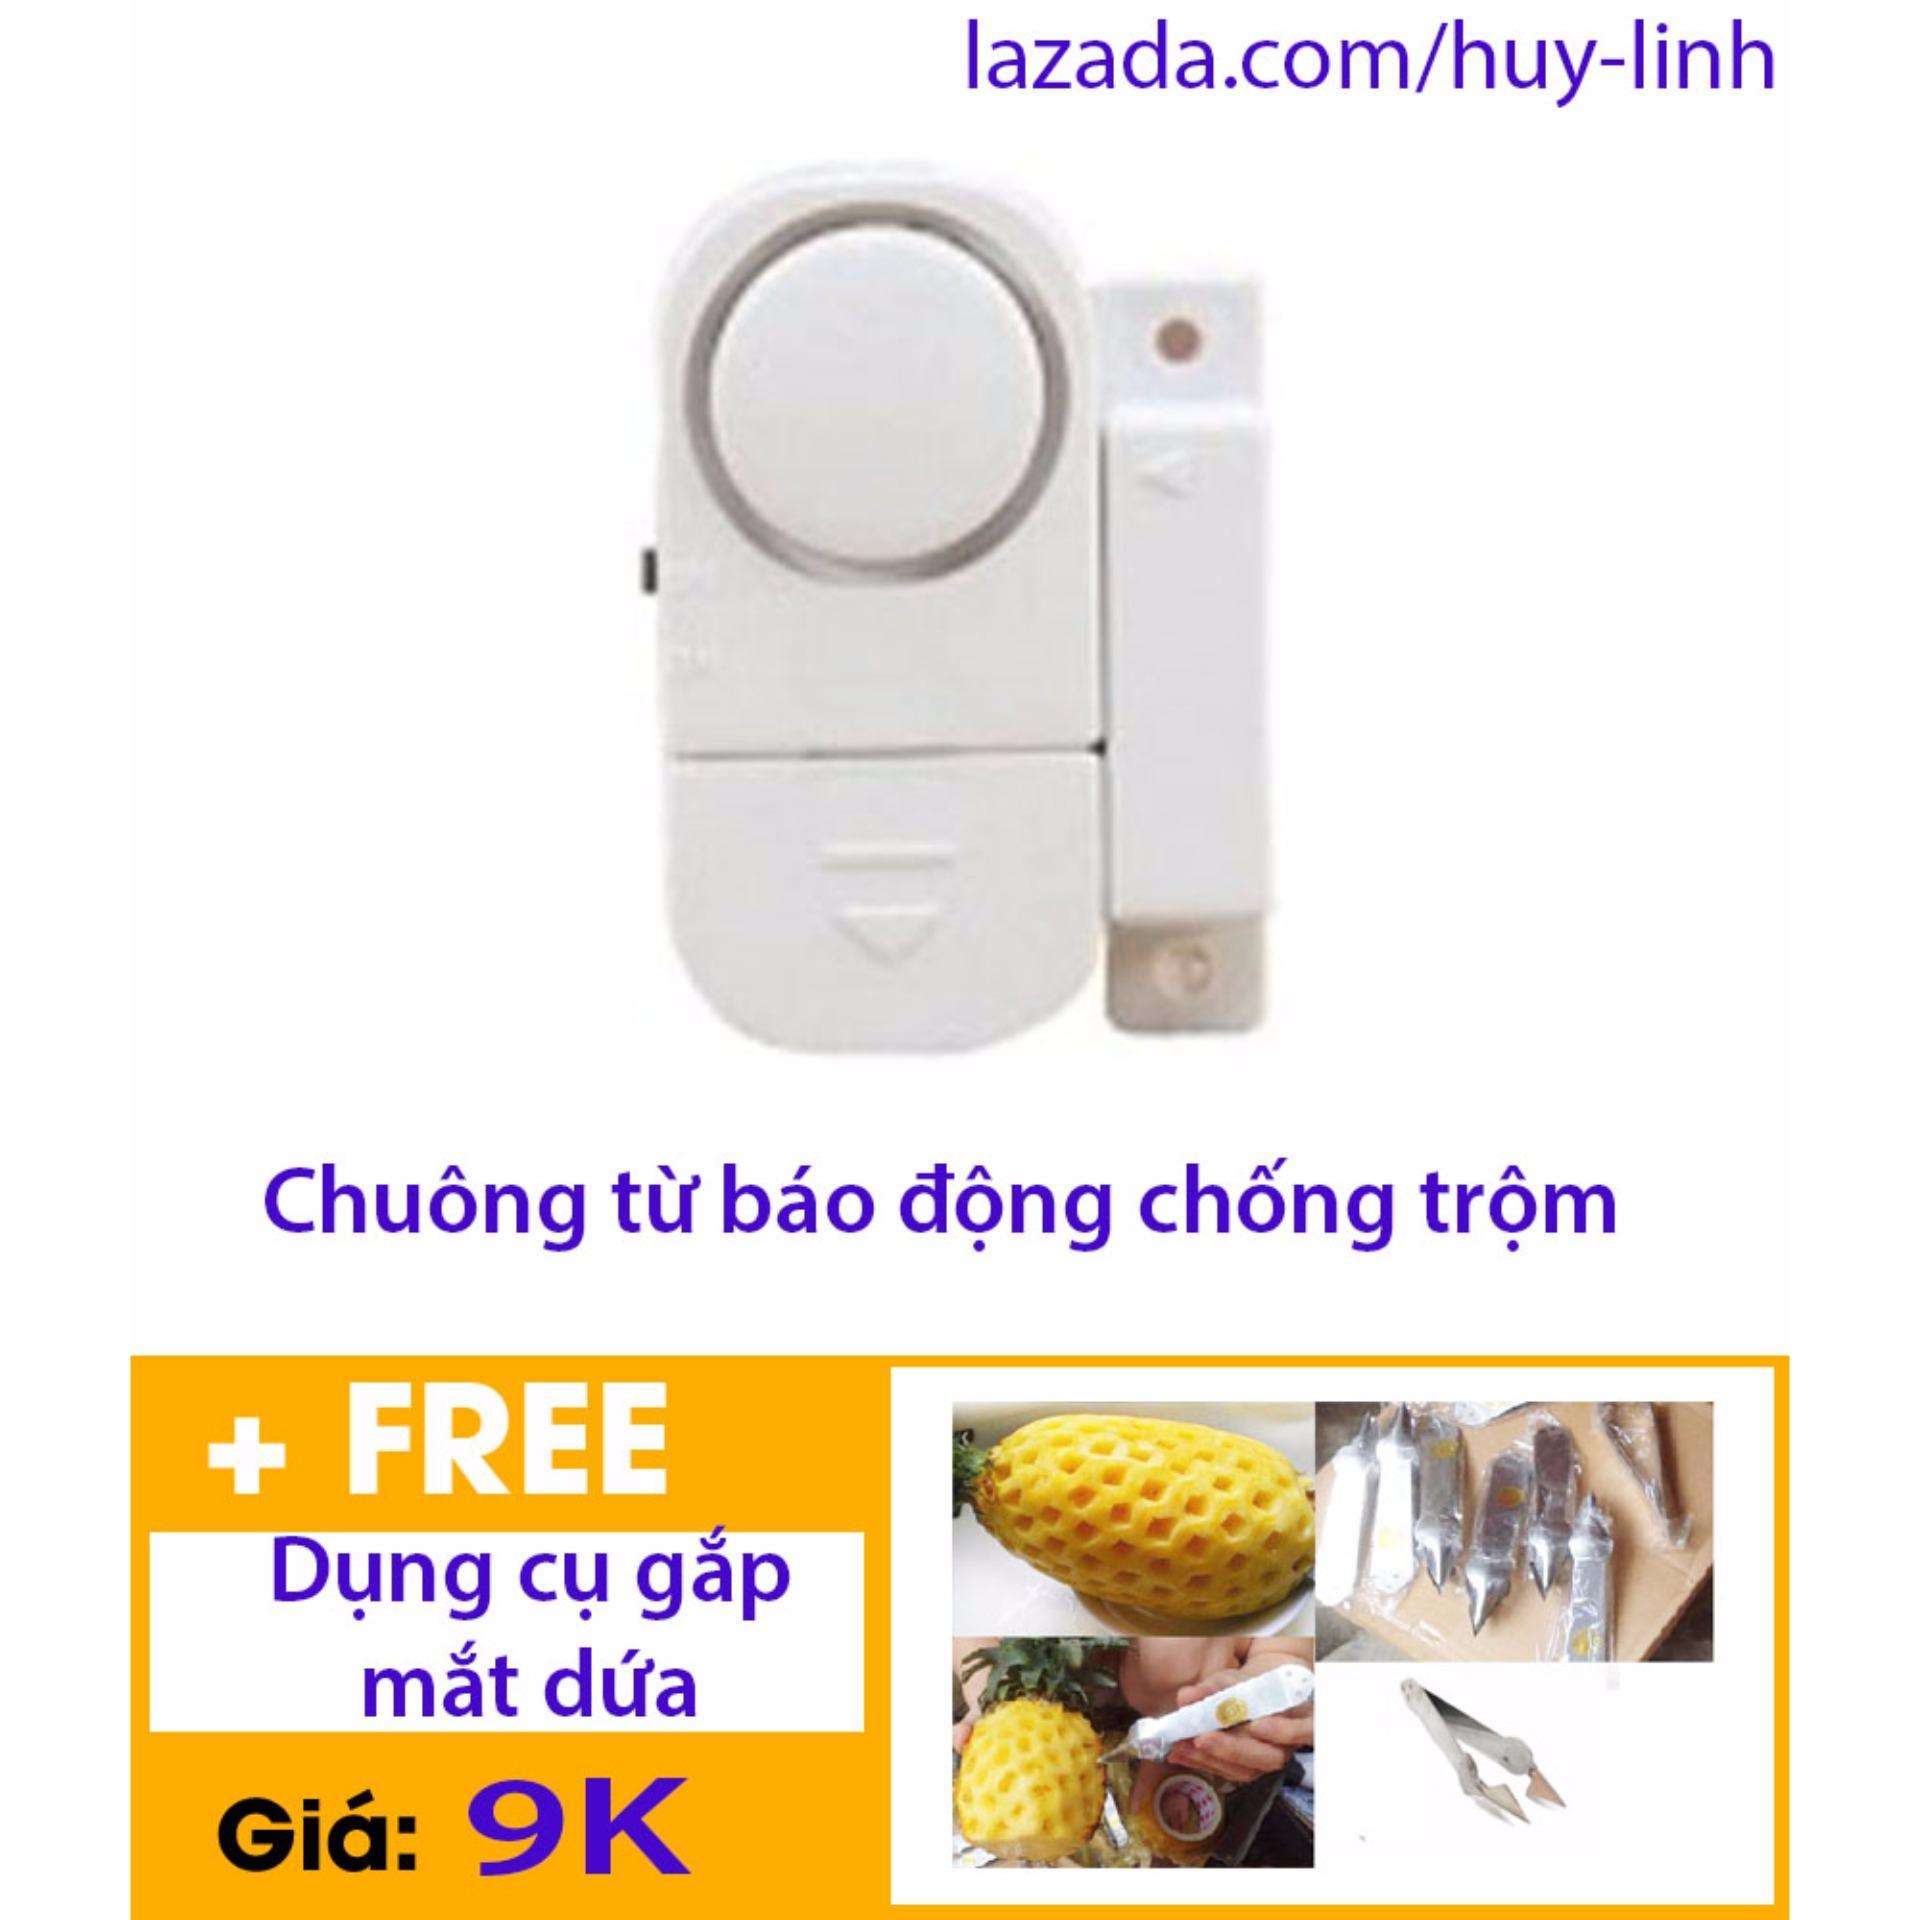 Báo Giá Chuông báo động từ chống trộm gắn cửa + Free dụng cụ gắp mắt dứa tiện dụng